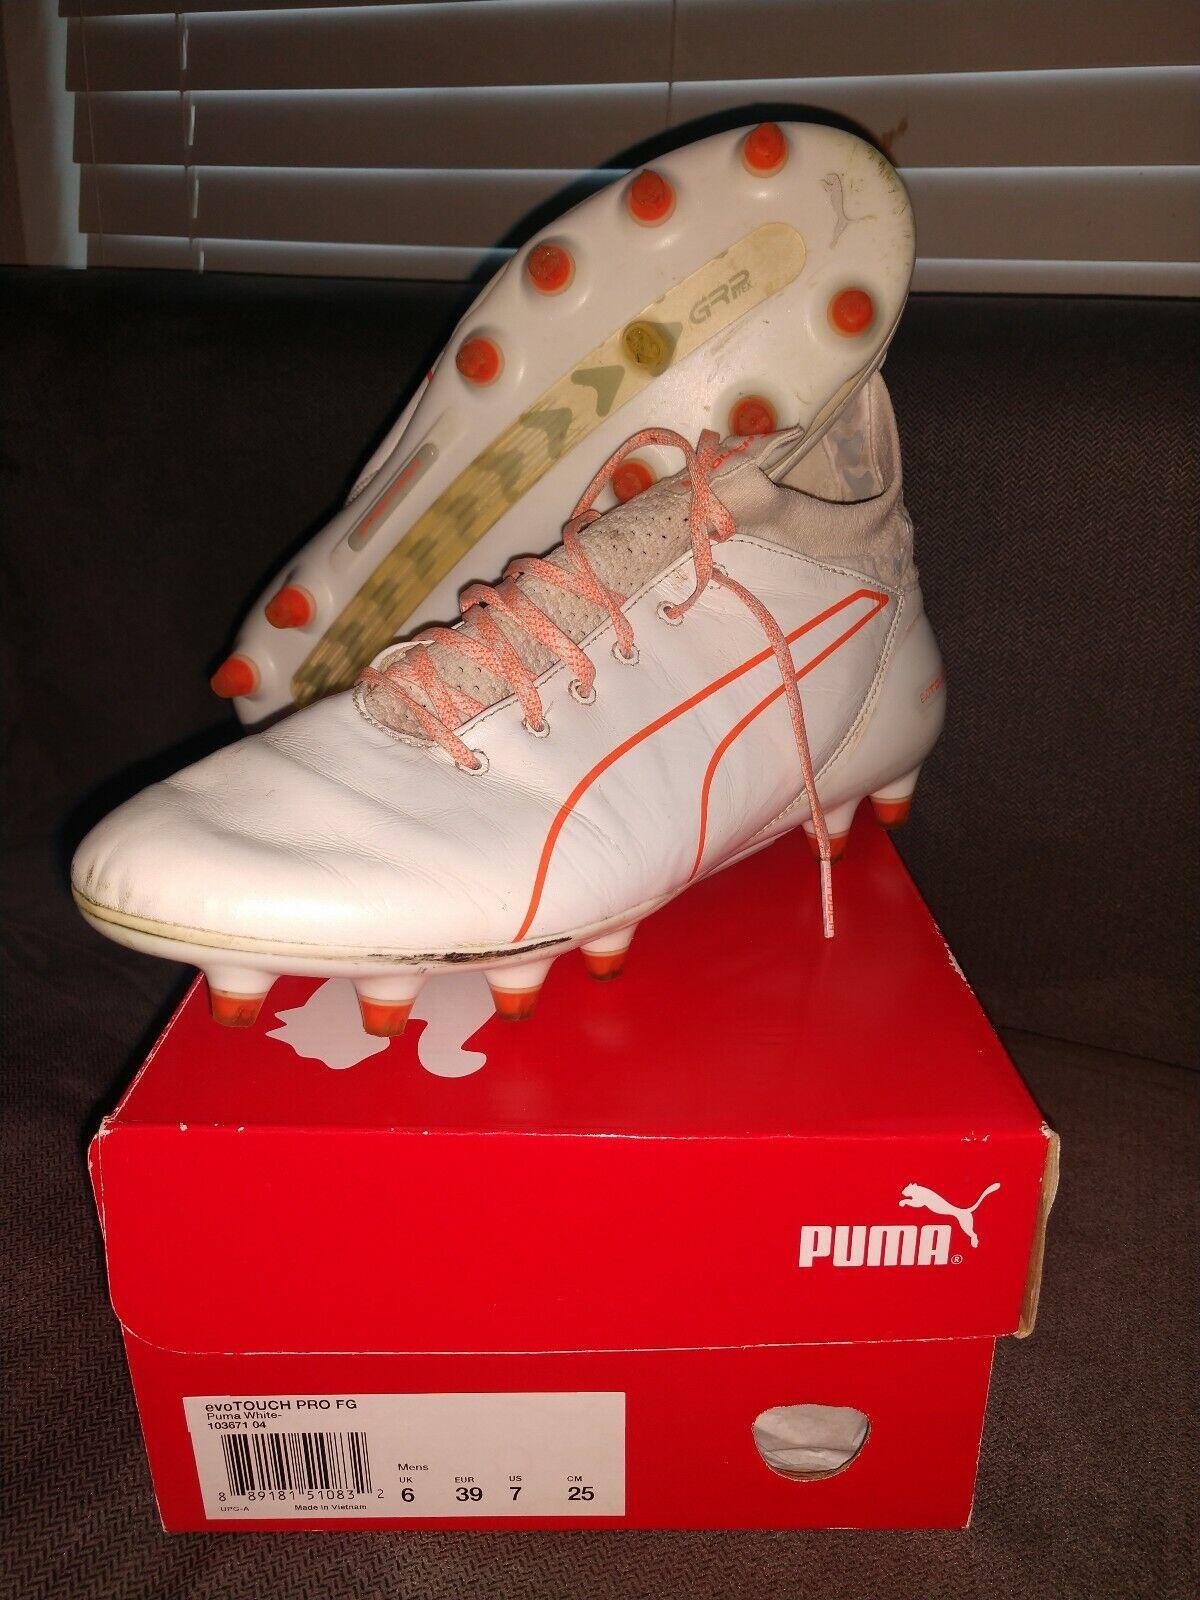 Puma Evo Touch Pro FG Soccer Cleats schuhe Größe 7 Weiß Orange